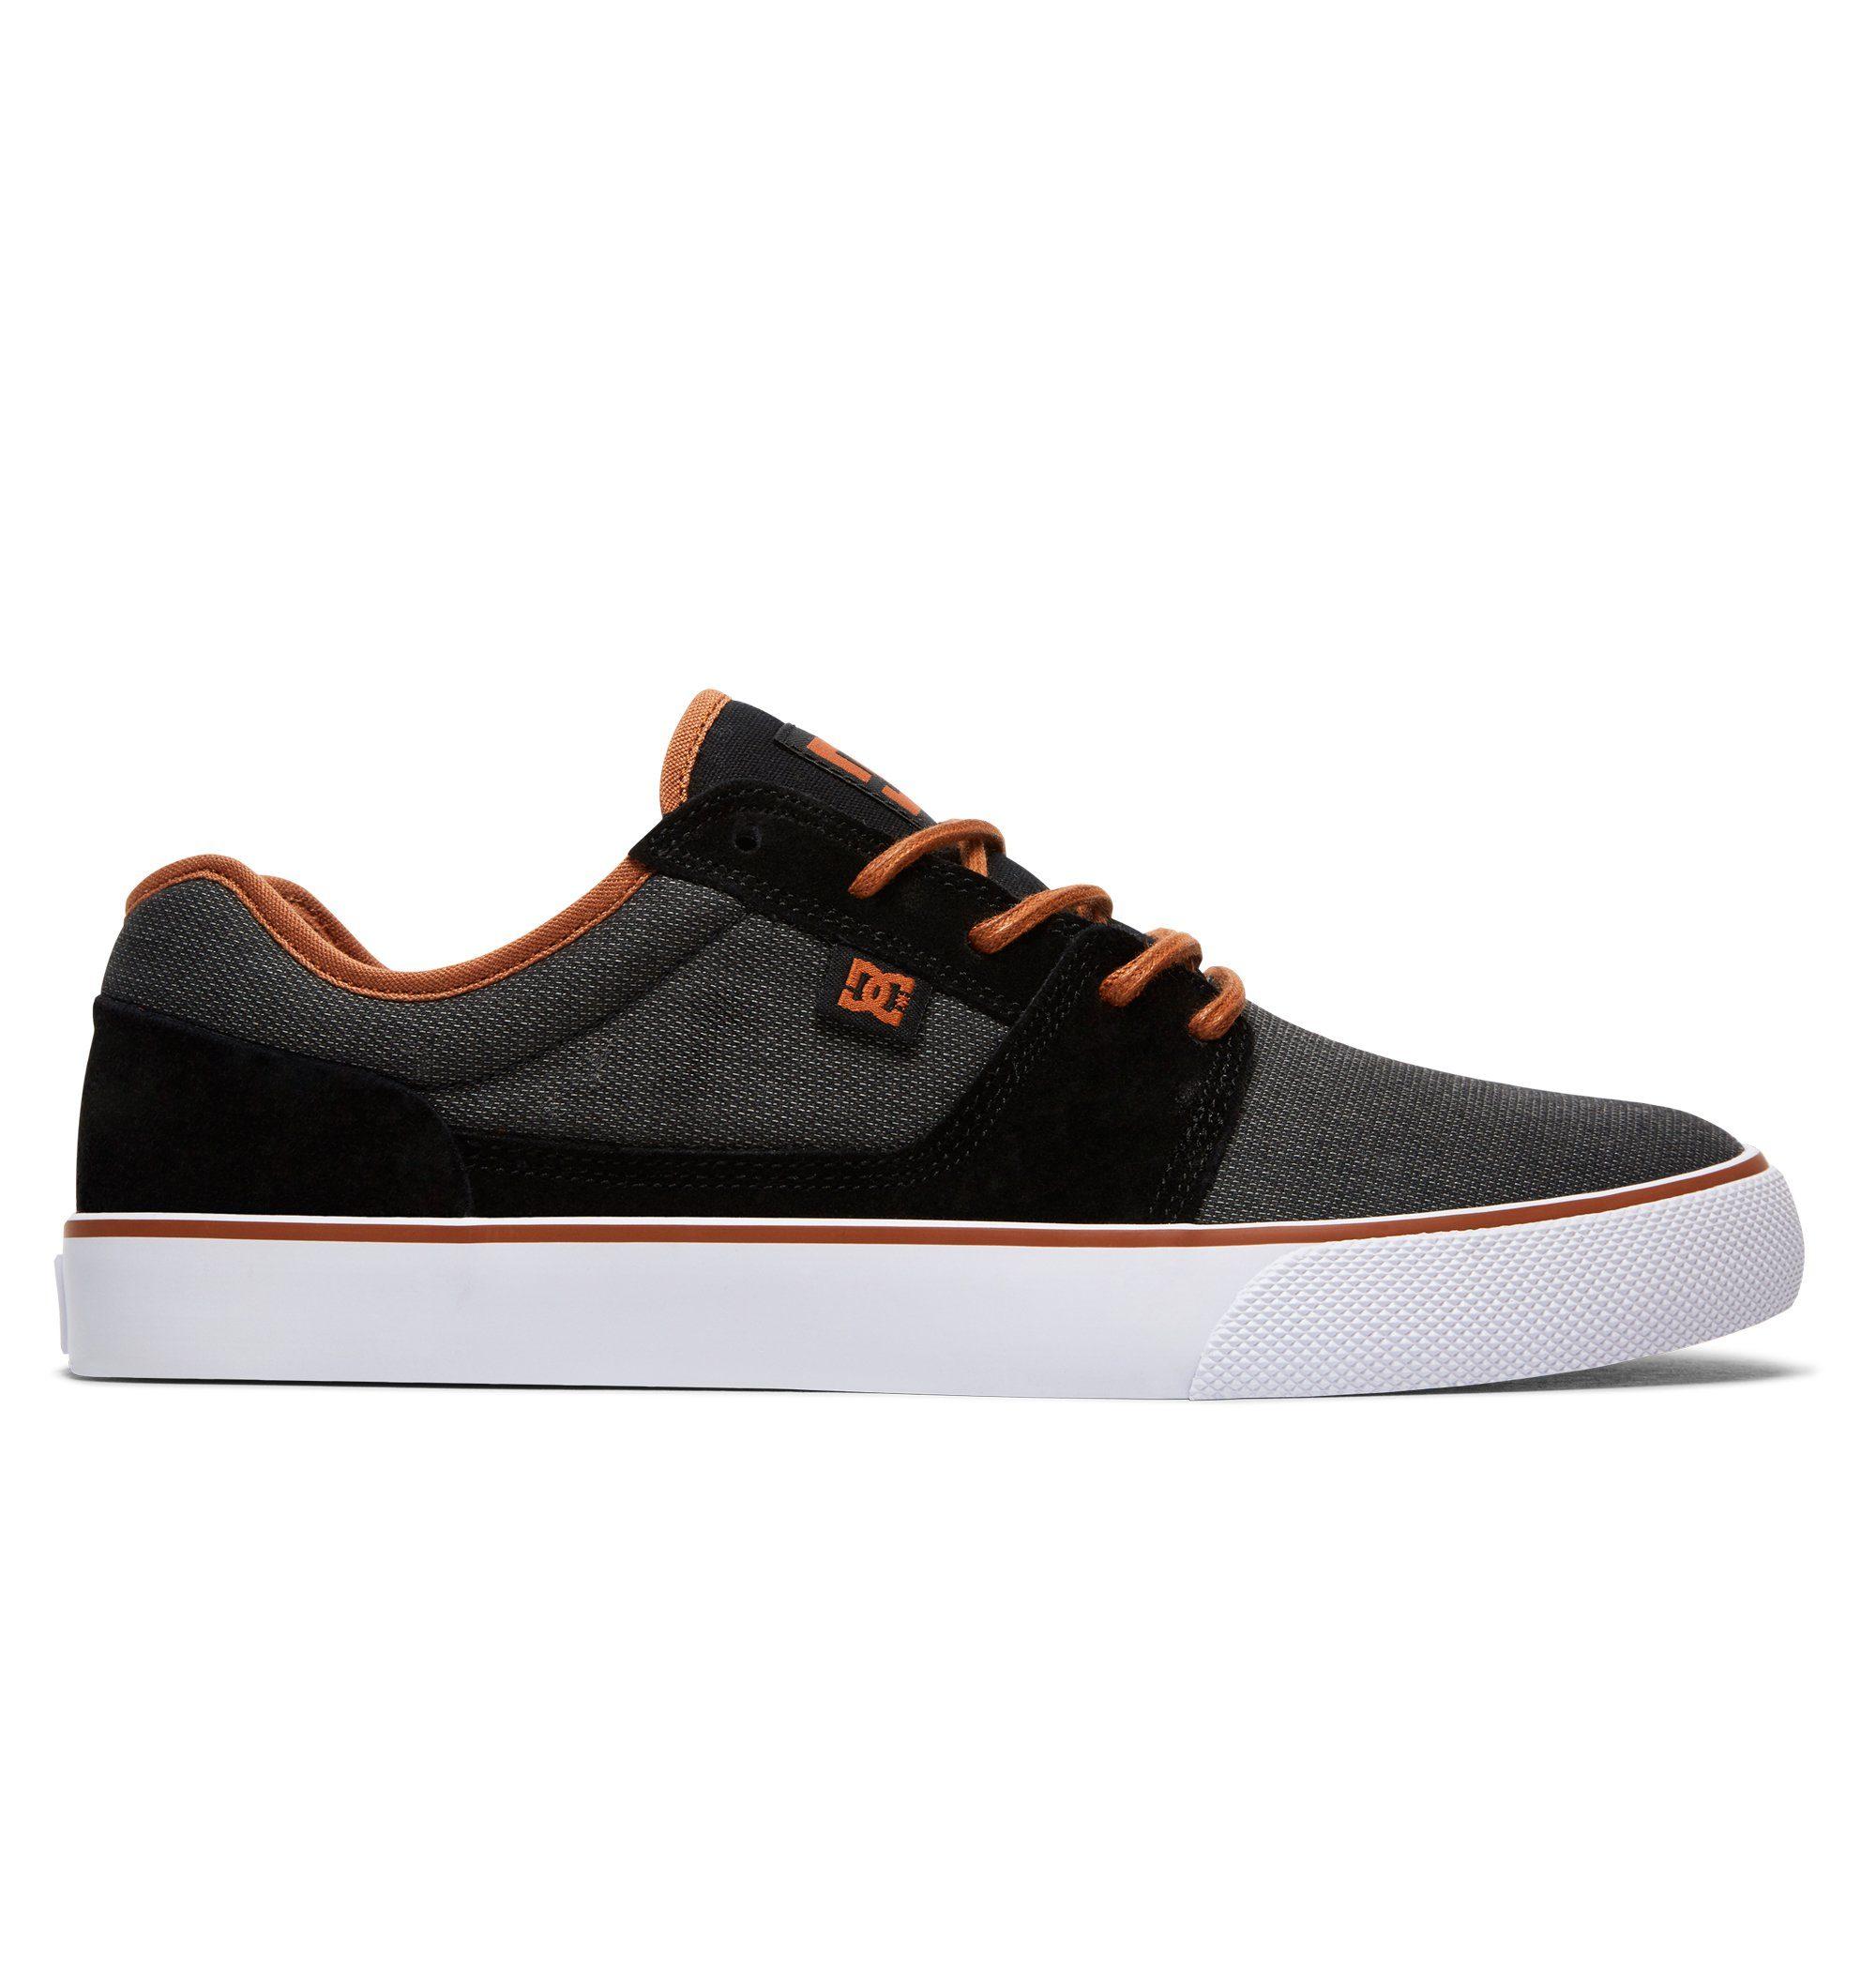 DC Shoes Schuhe Tonik SE  online kaufen  Black#ft5_slash#copper